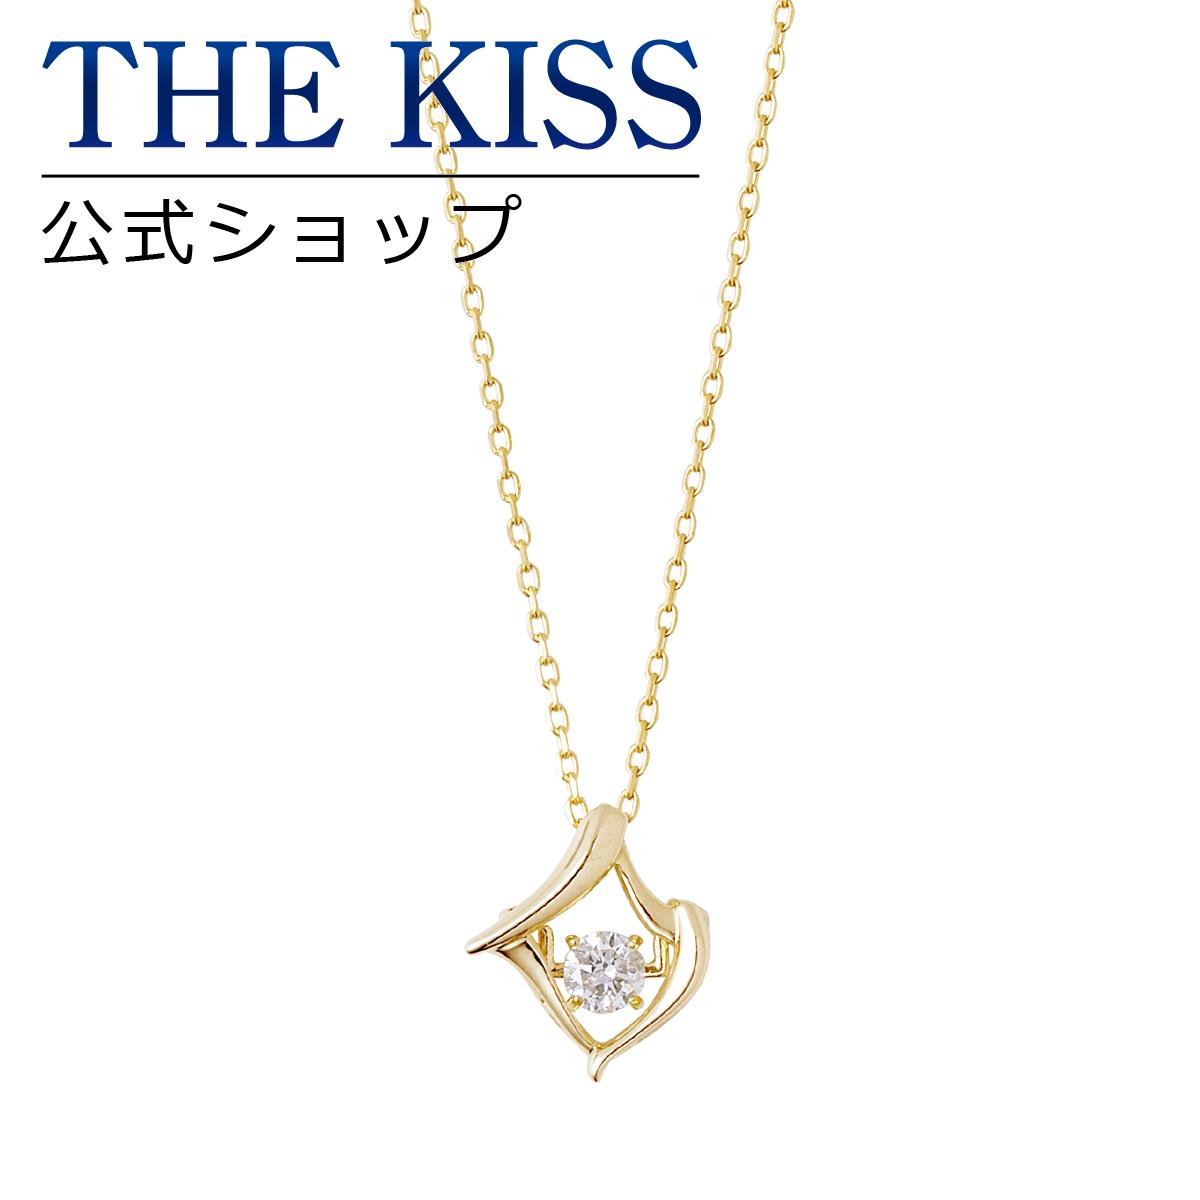 【あす楽対応】THE KISS 公式サイト ゴールド ネックレス レディースジュエリー・アクセサリー ジュエリーブランド THEKISS ネックレス・ペンダント 記念日 K-N1401YG ザキス 【Twinkling】【送料無料】